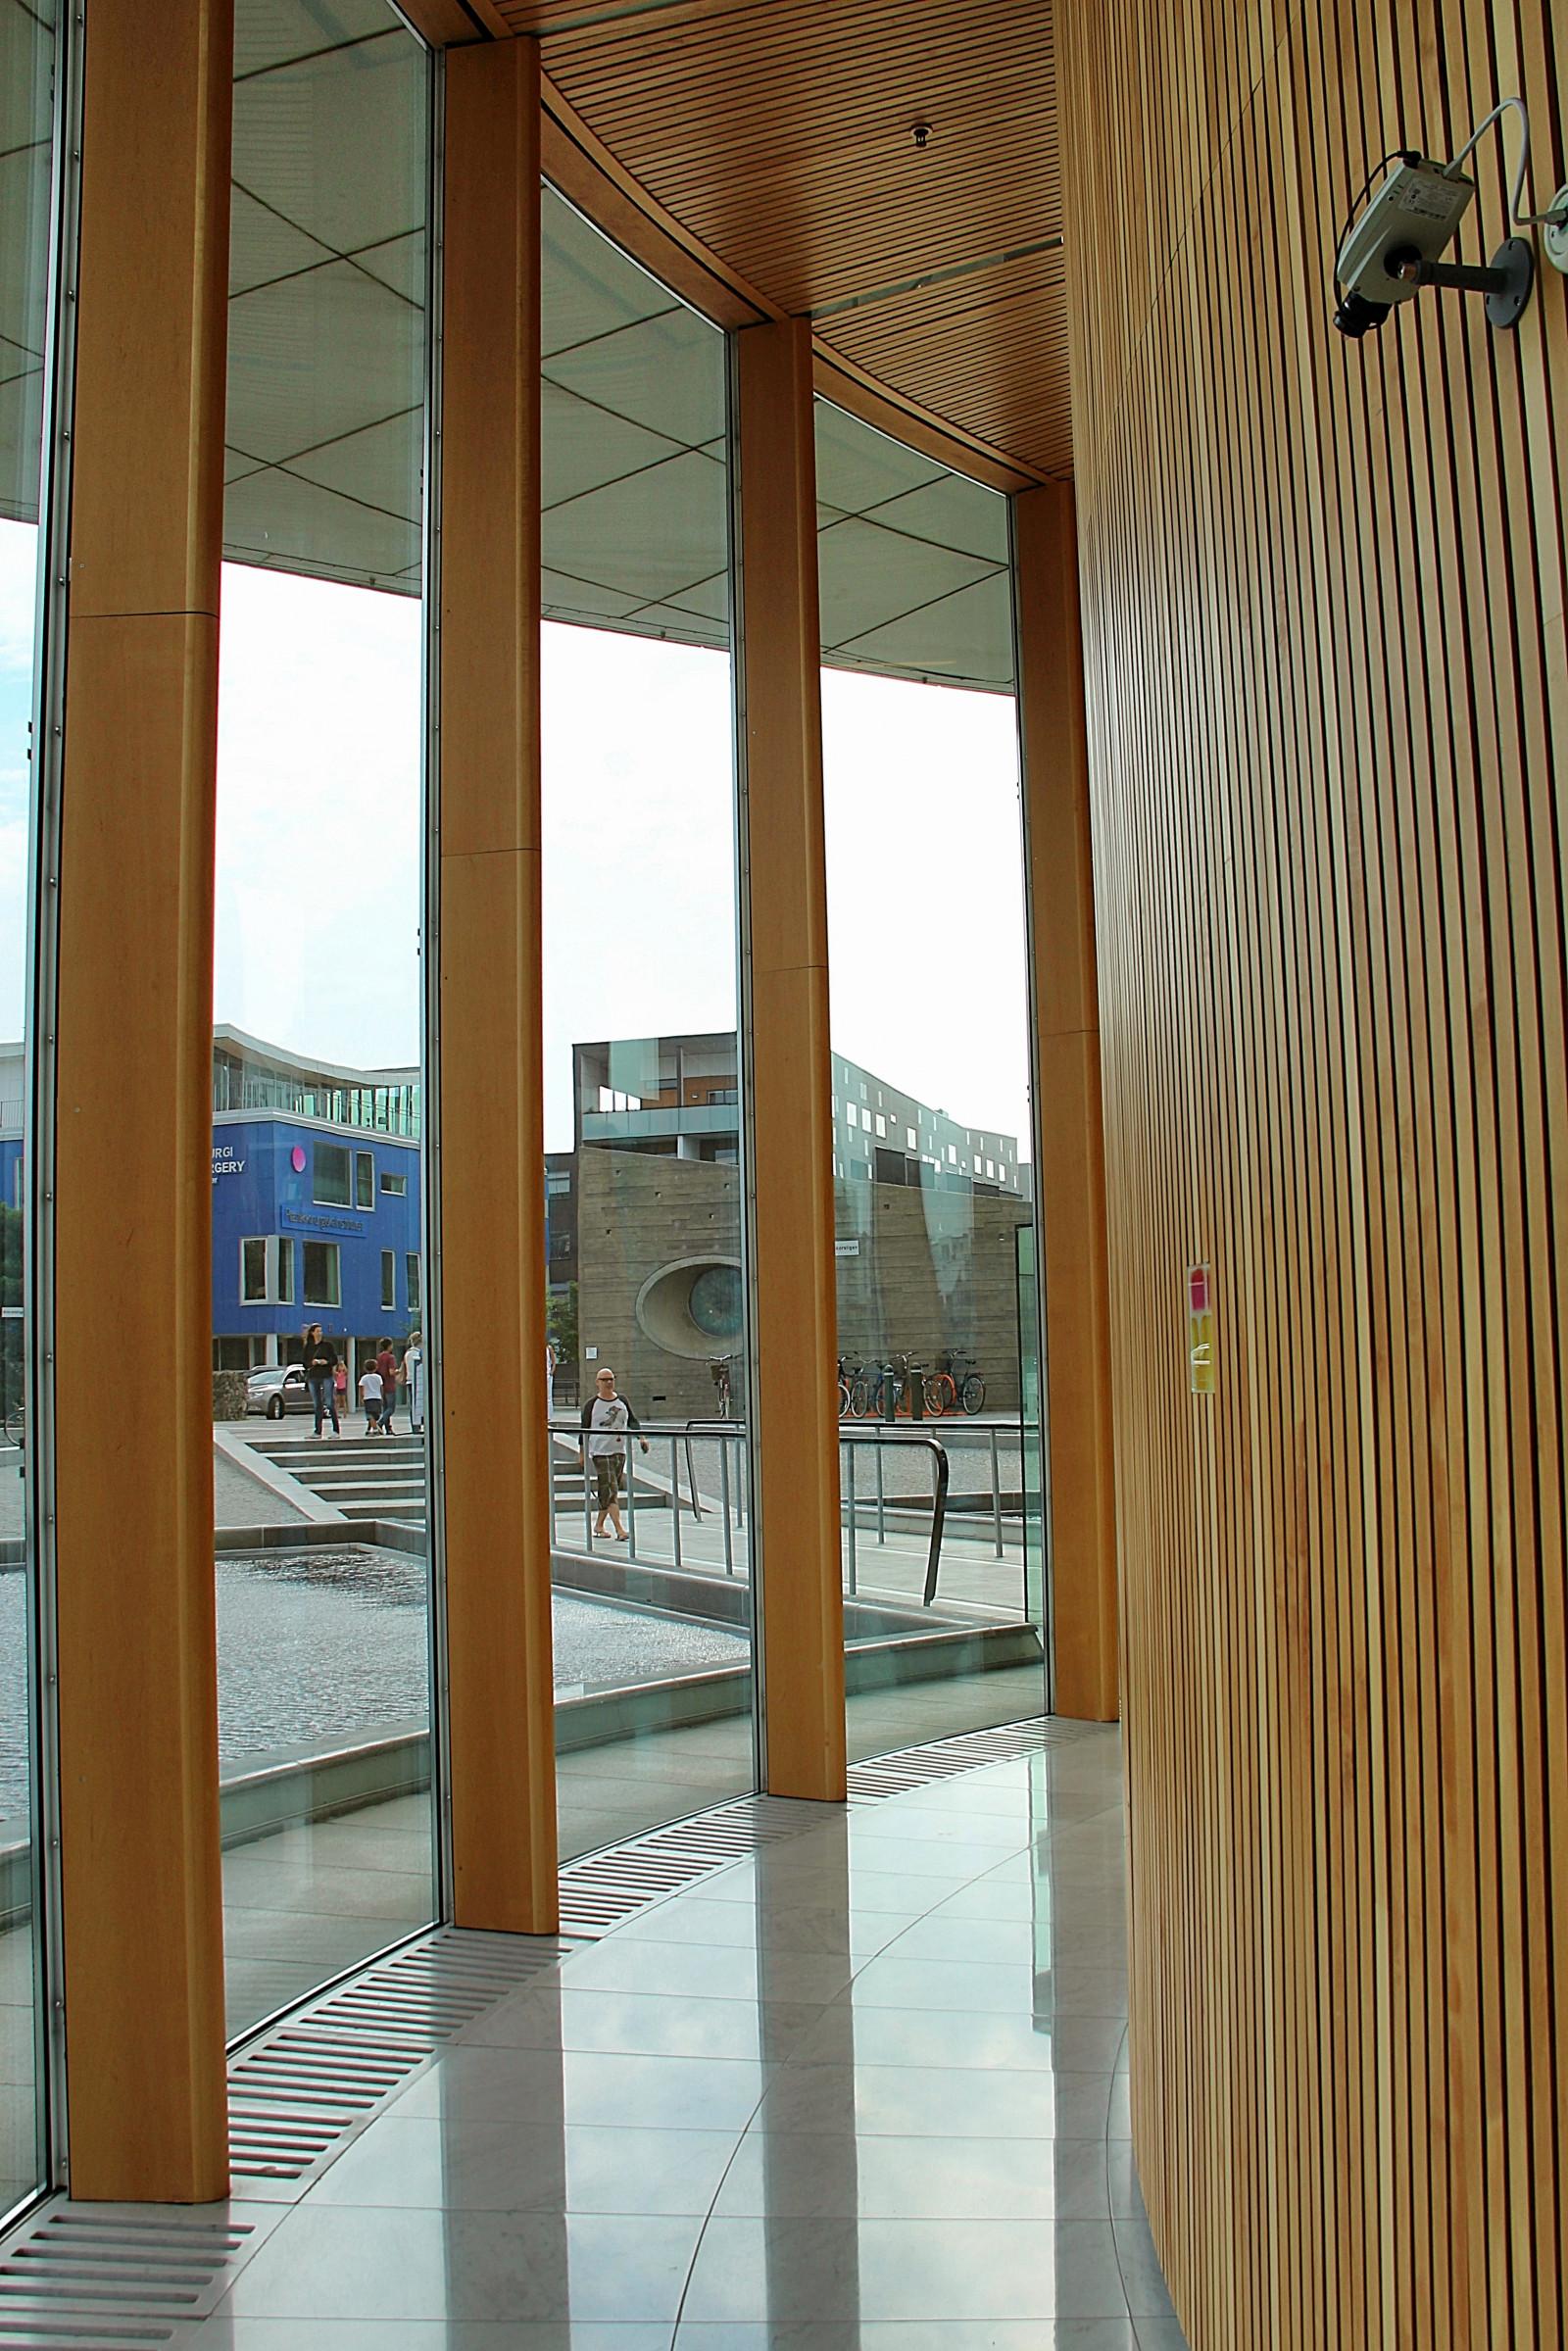 Fenetre dinterieur simple porte fenetre d interieur - Porte fenetre interieur ...